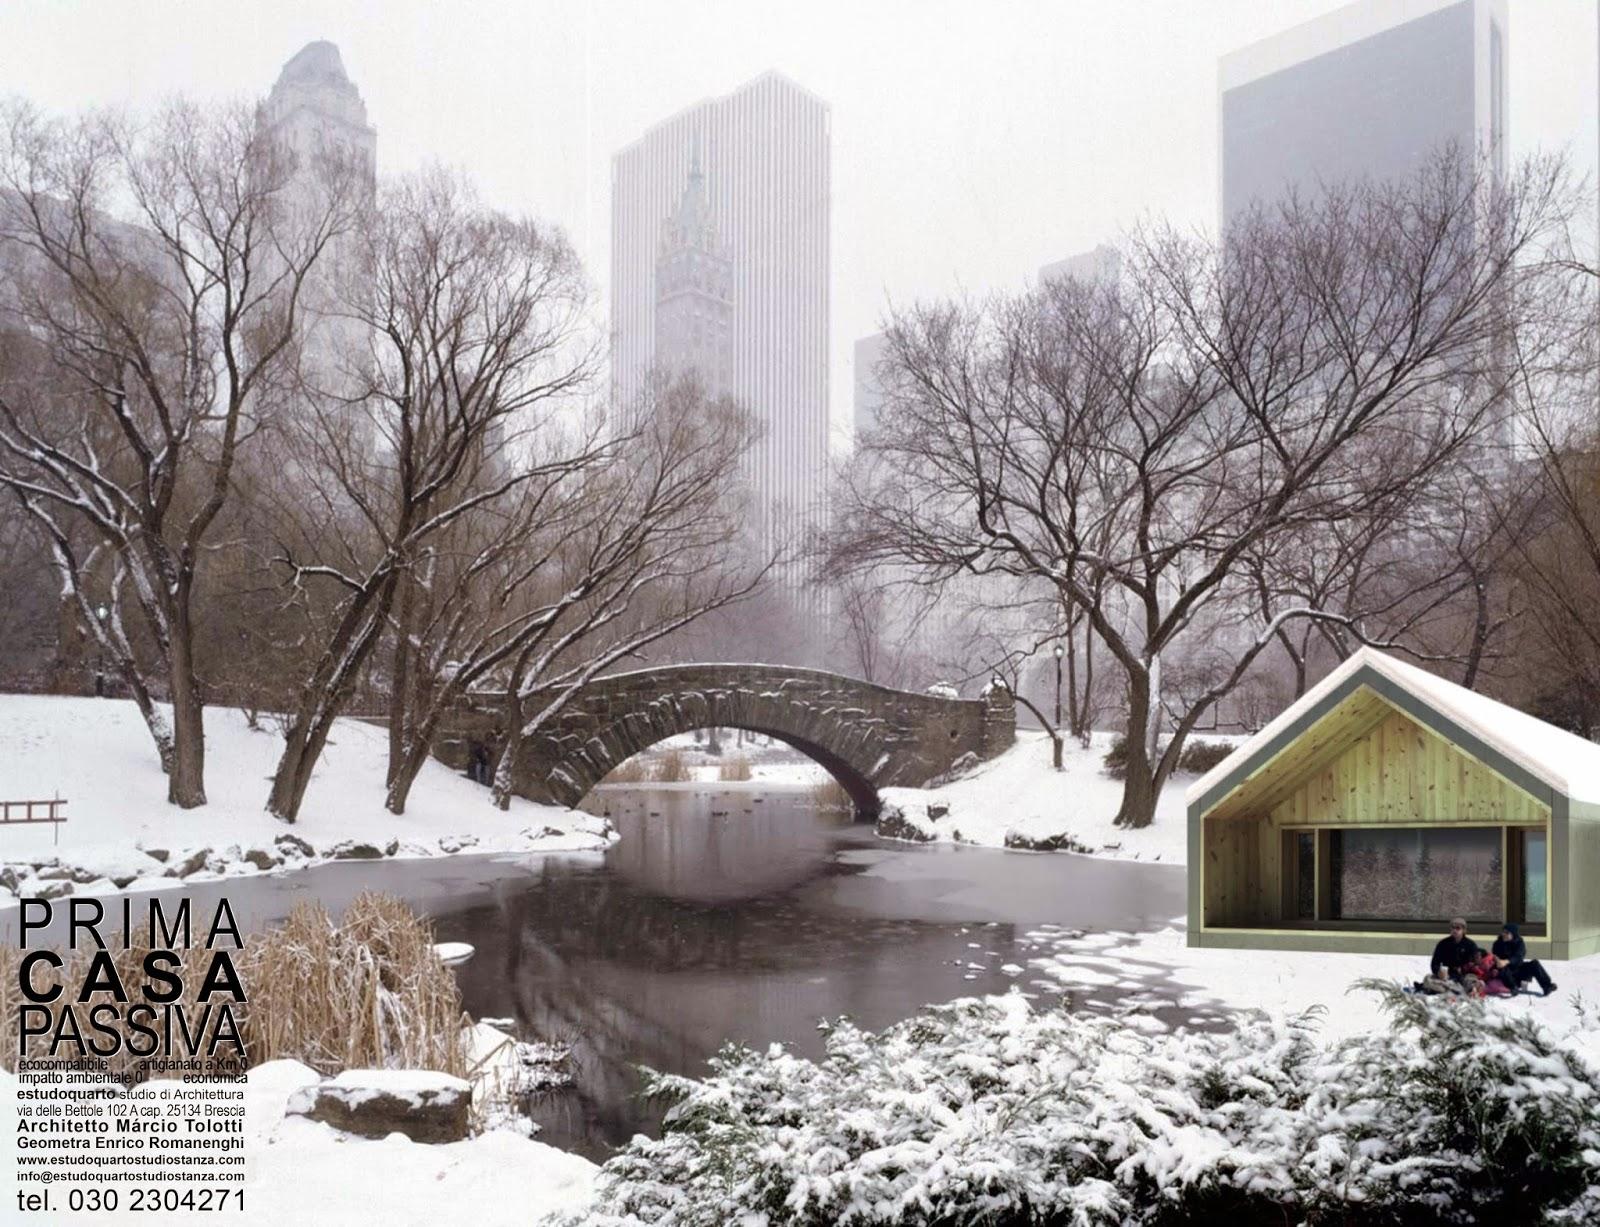 Come acquistare un terreno per costruire casa studio di architettura a verona case passive in - Come acquistare casa ...